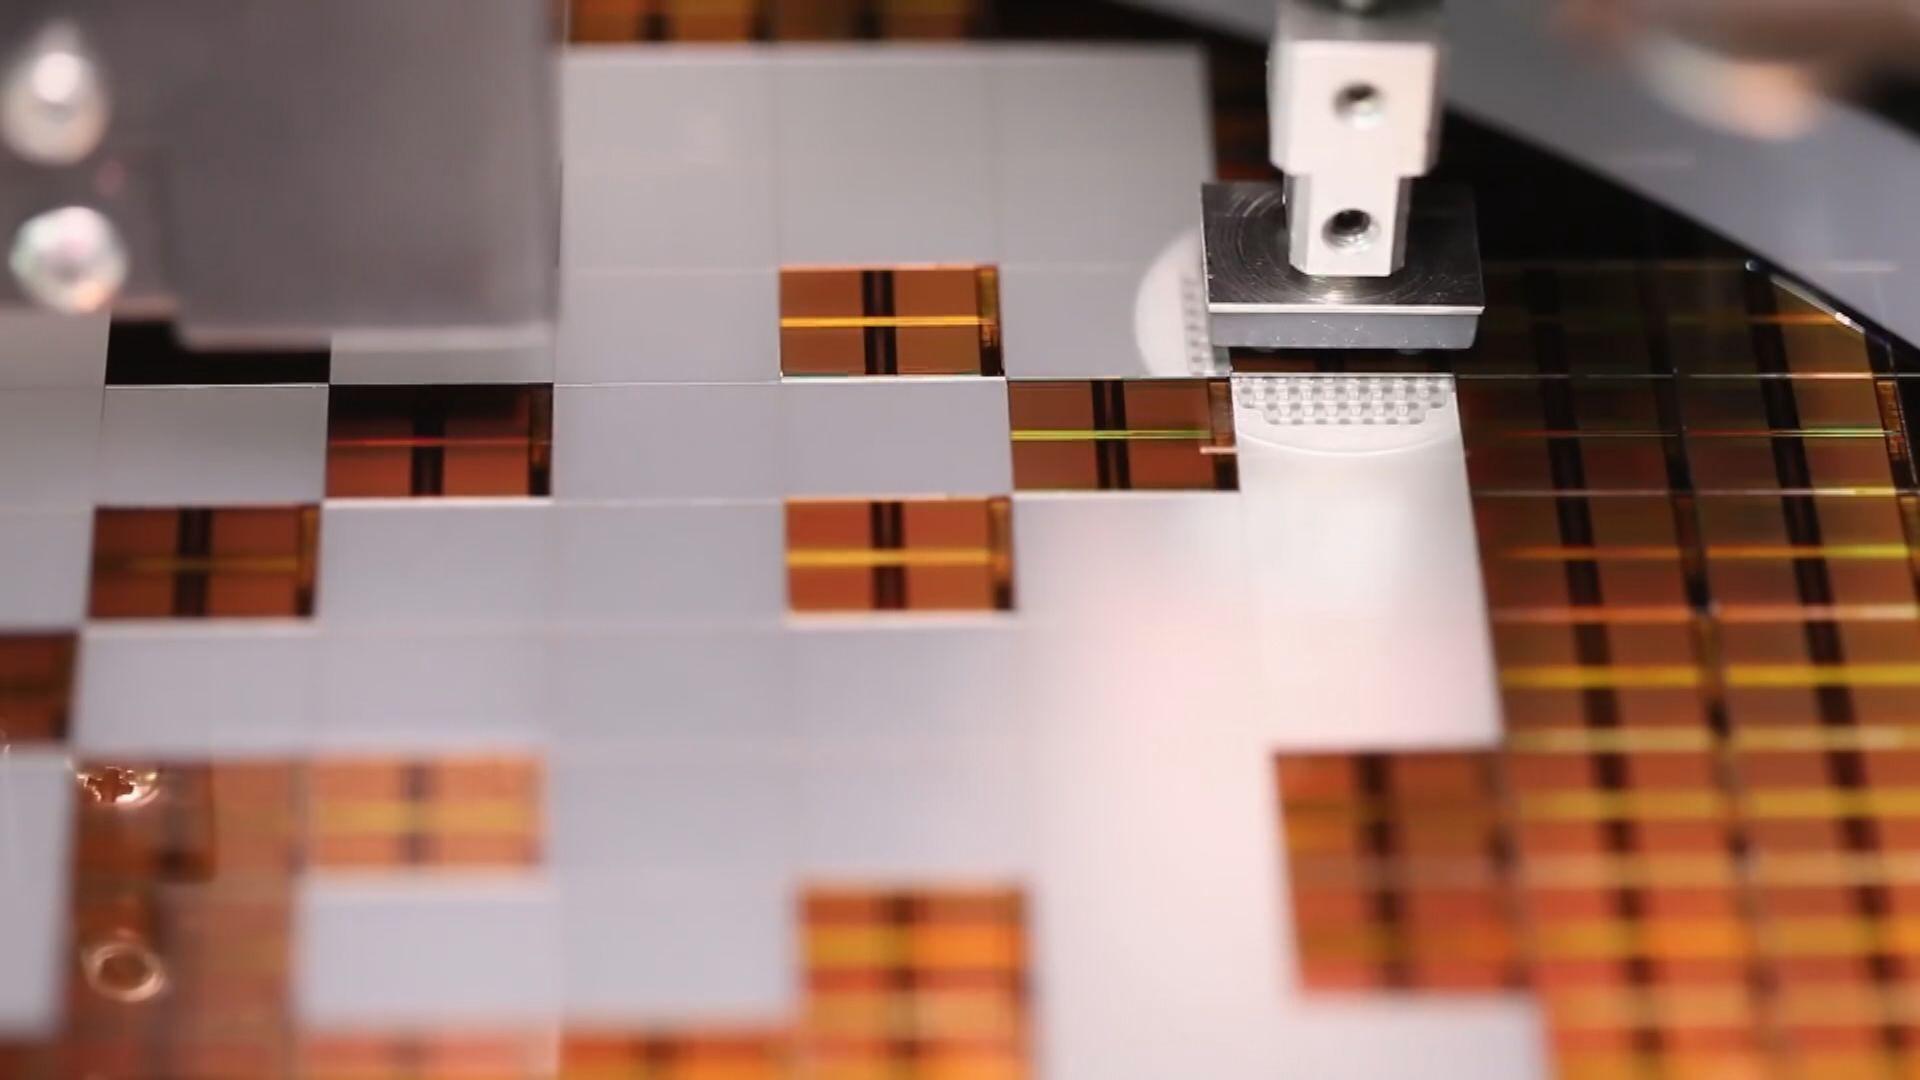 【玩「灰色地帶」】Intel等繞過禁令再向華為供貨